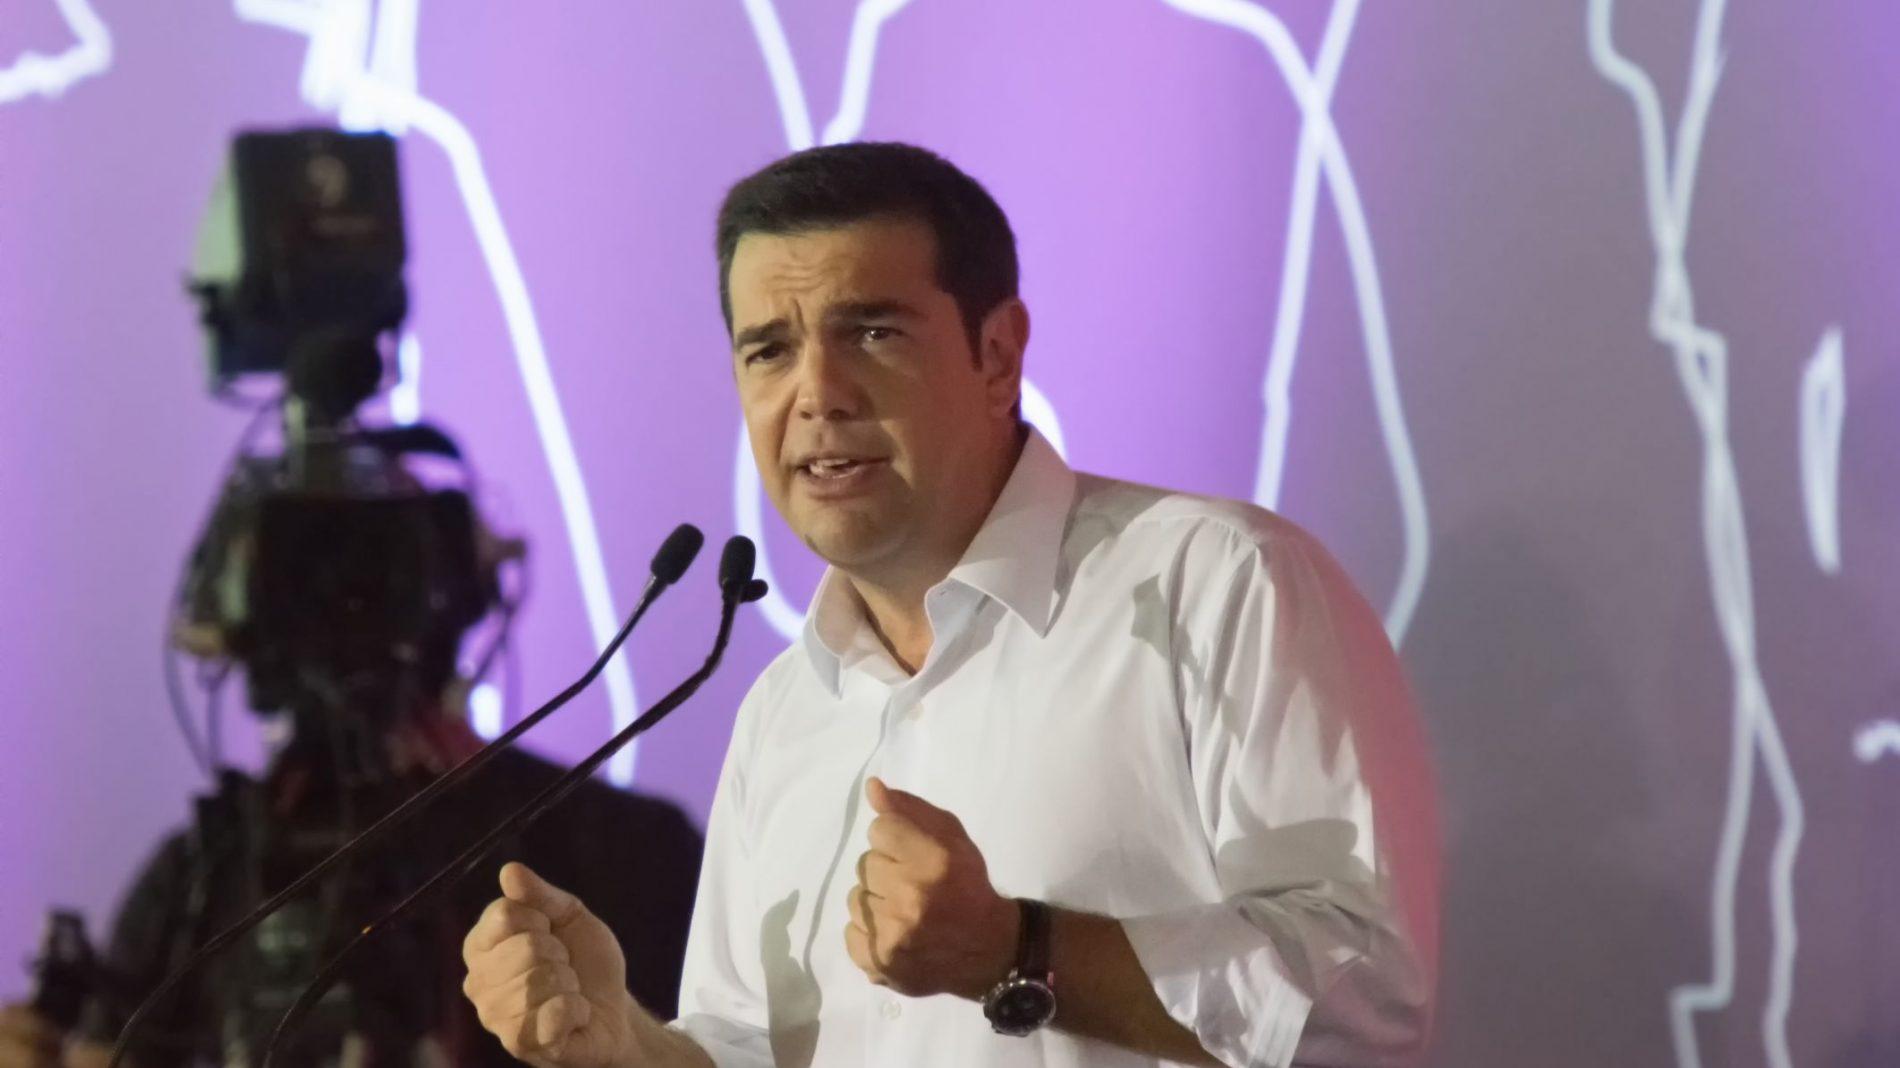 Greek Prime Minister Alexis Tspirias